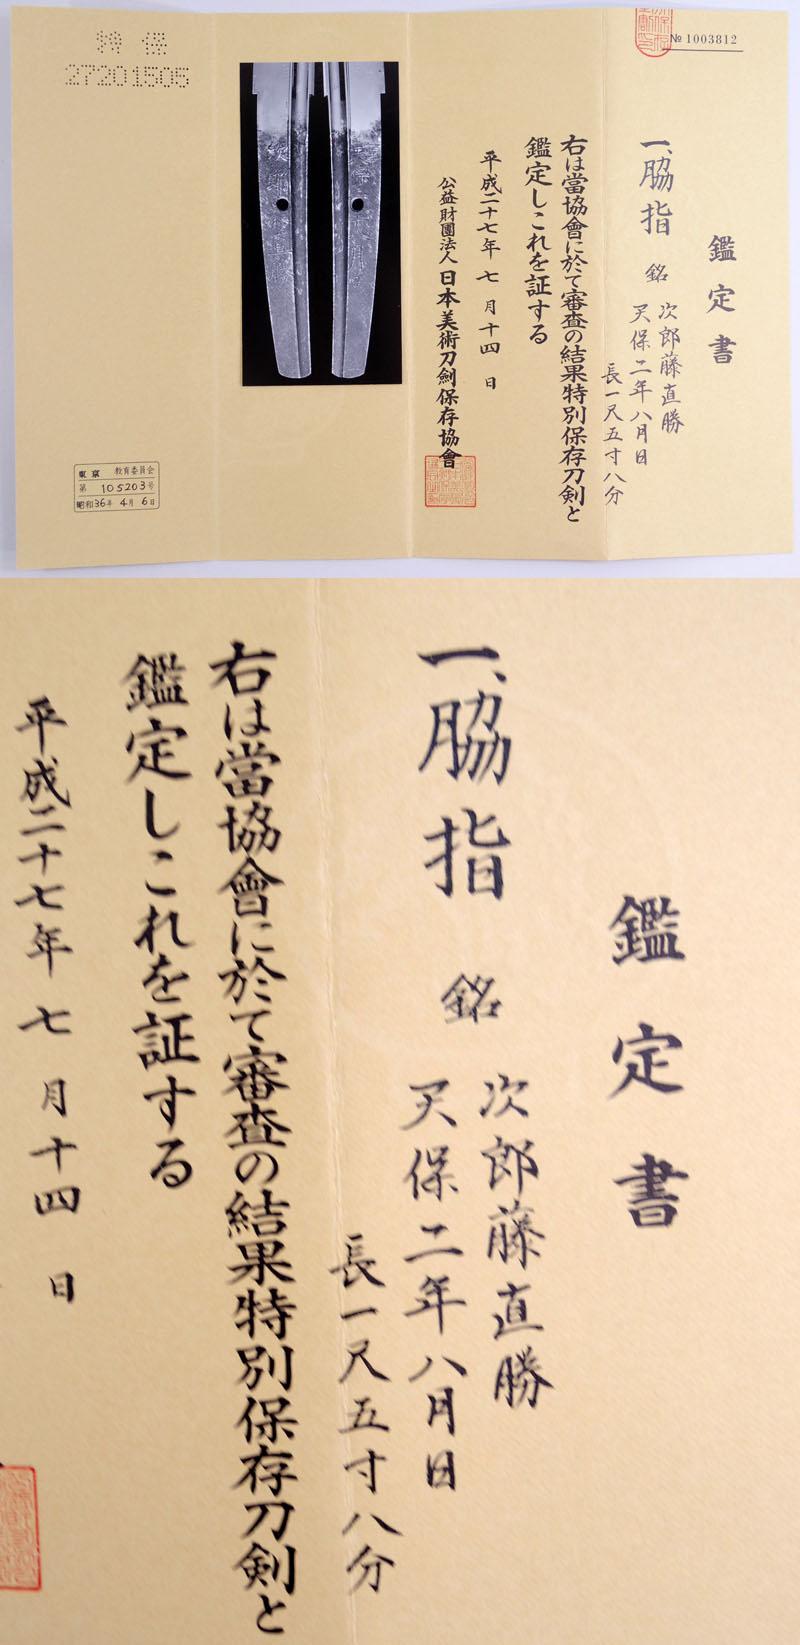 次郎藤直勝(次郎太郎直勝) Picture of Certificate